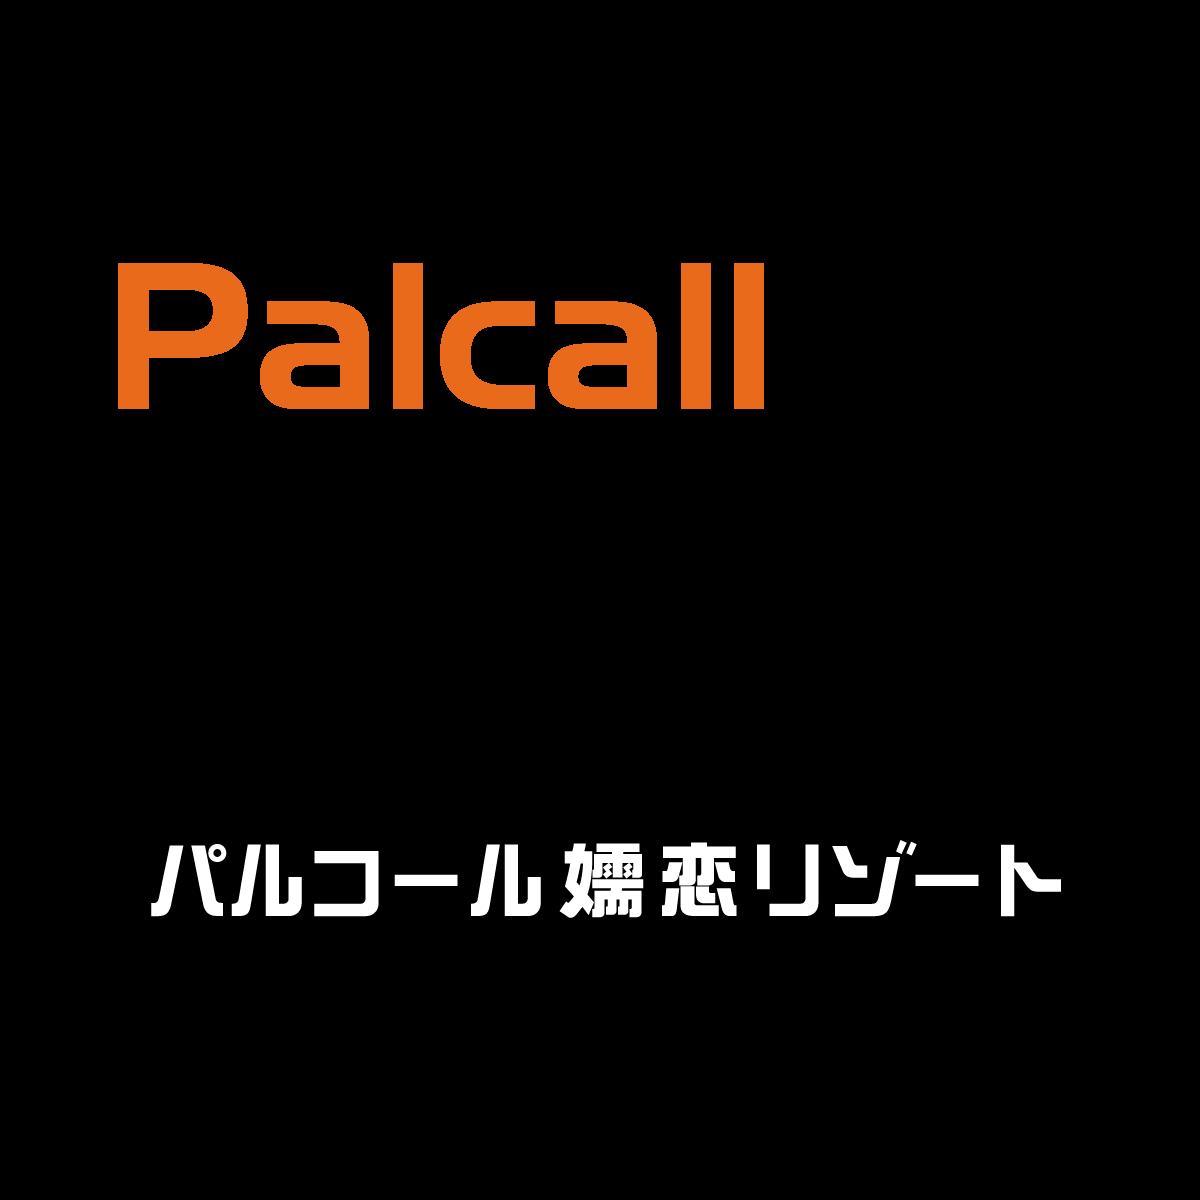 Palcall_Tsumagoi_2020_logo_onwhite